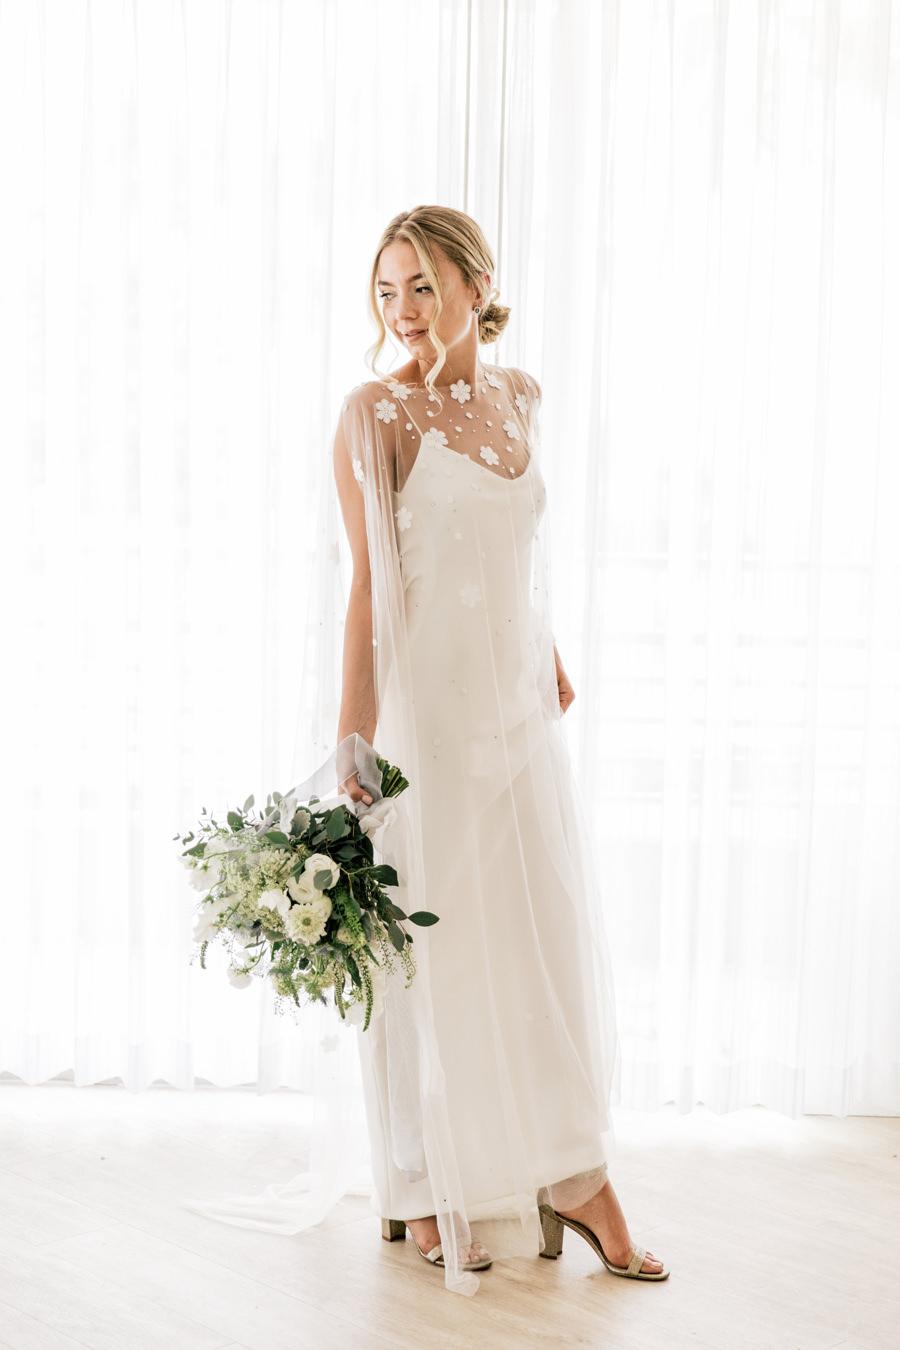 Captiva Florida Wedding Photographer